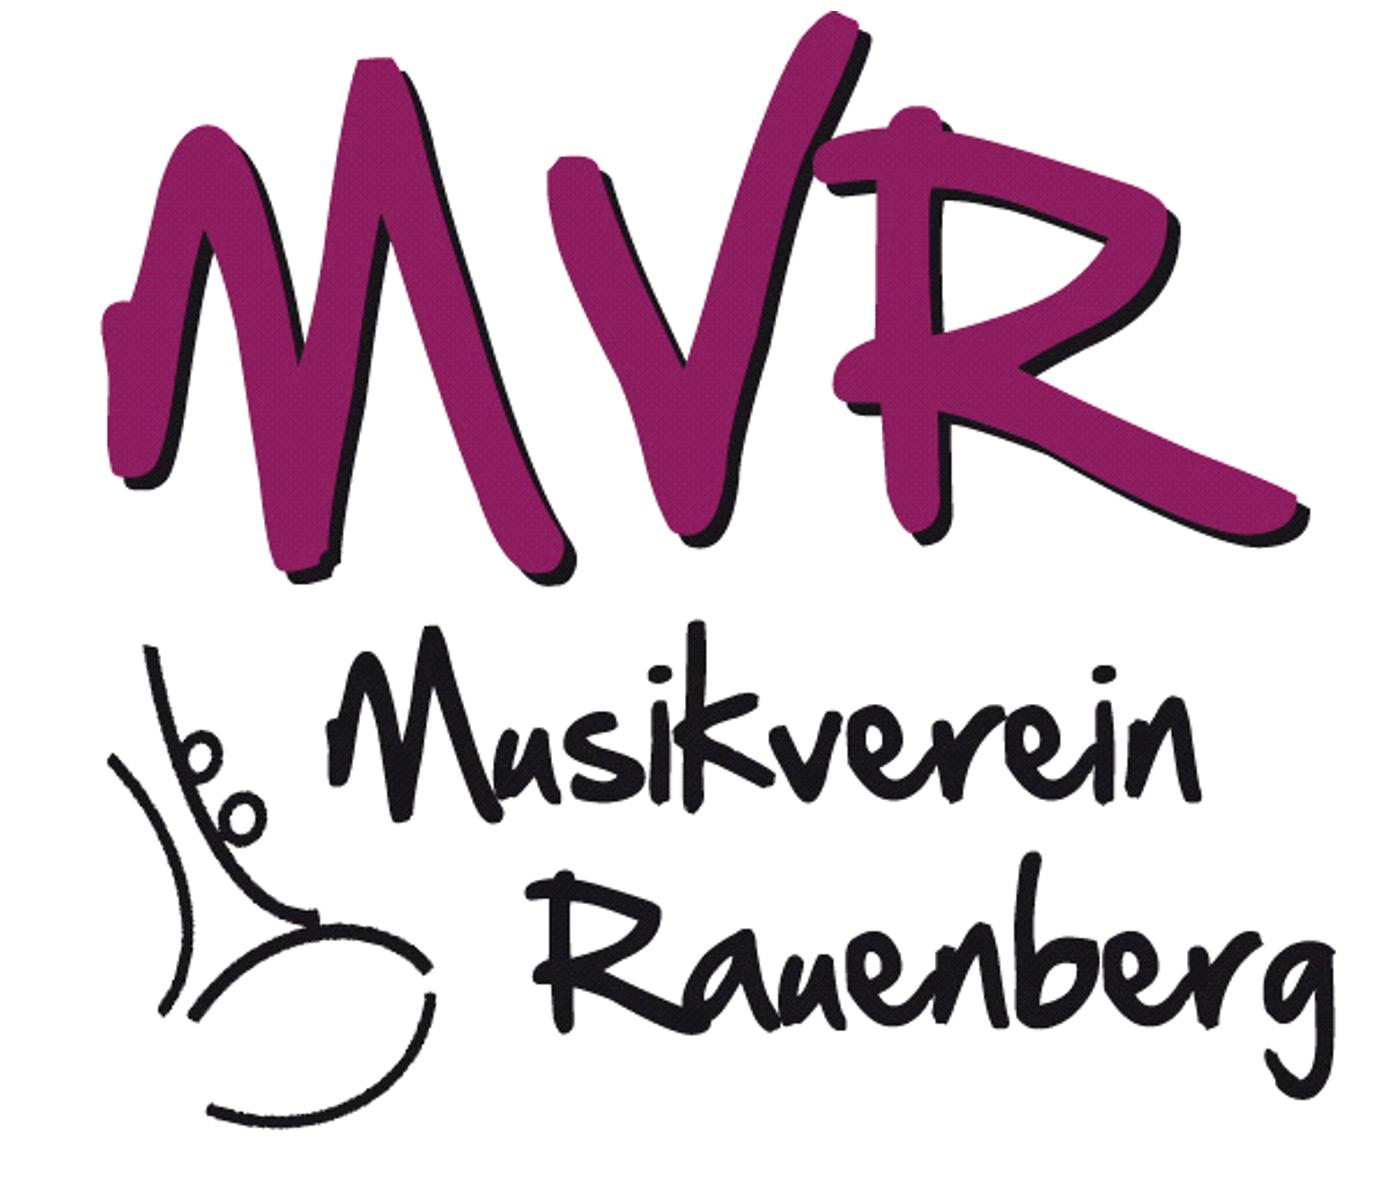 Musikverein Rauenberg